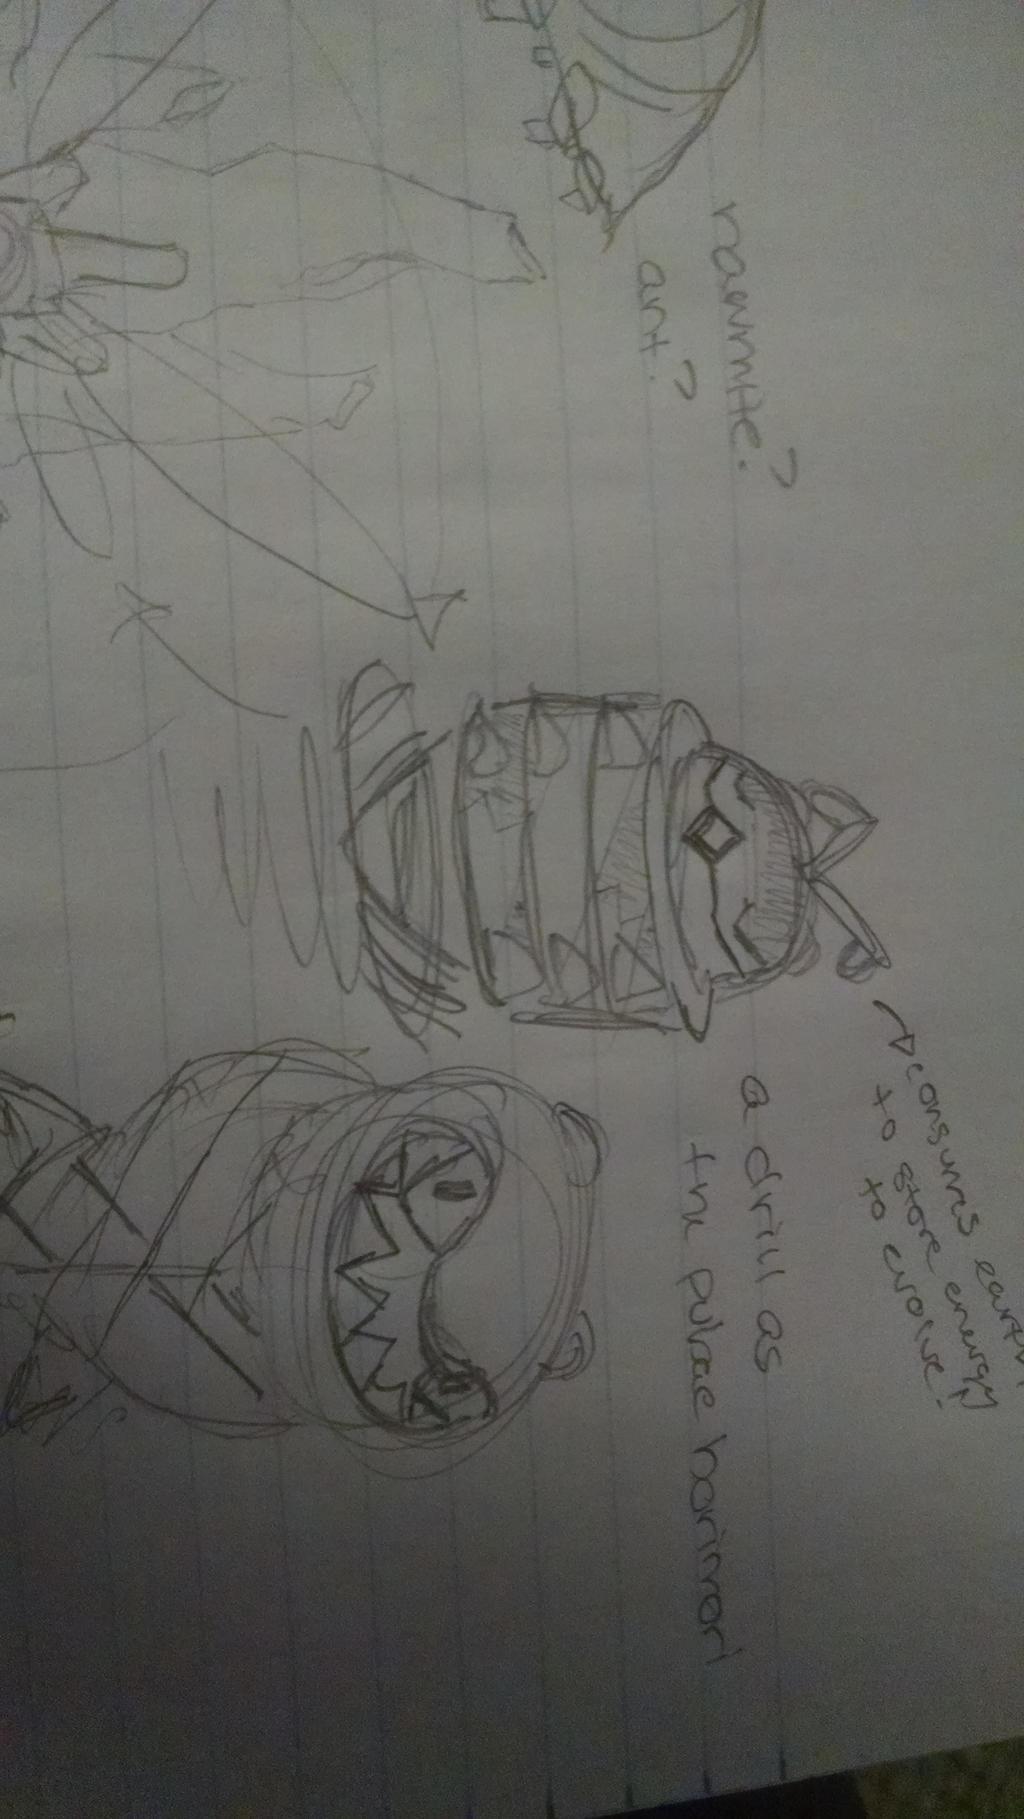 Bormori fakemon concept